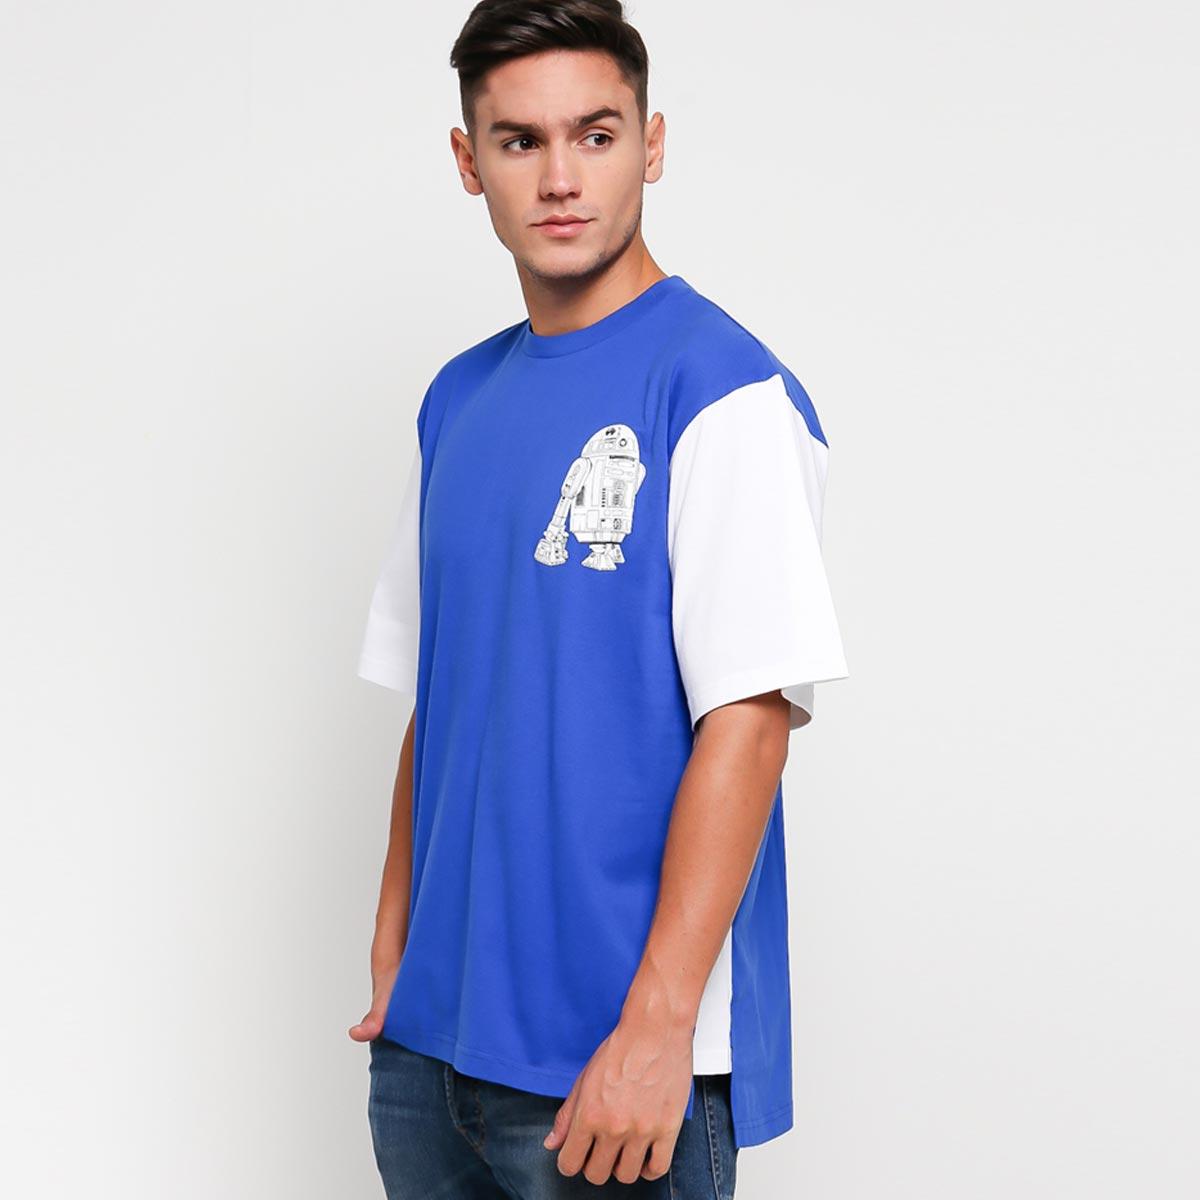 AMOTSYAMSURIMUDA Star Wars R2 D2 Printed Two Tone T shirt Blue